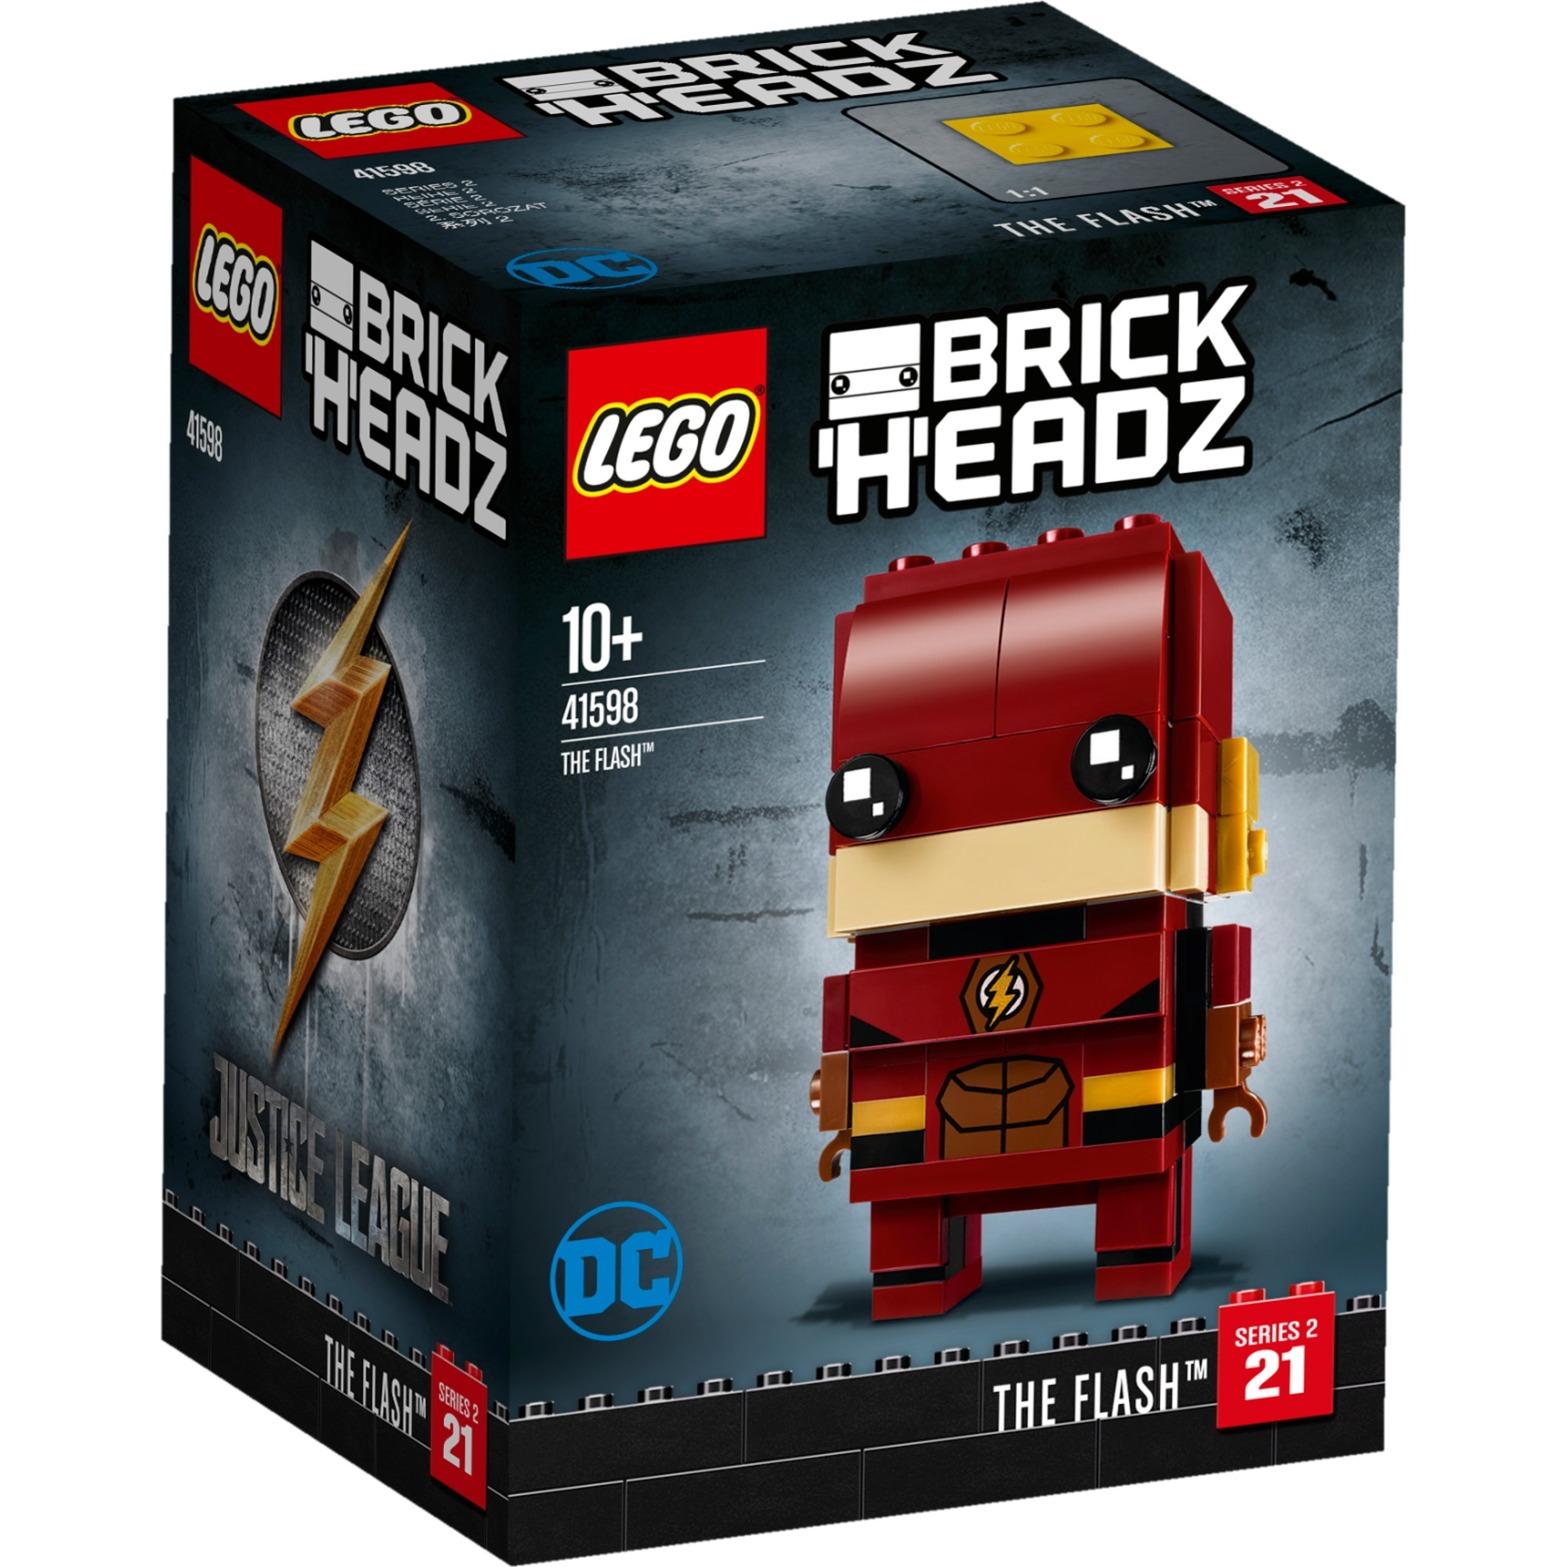 Brick Headz 41598 The Flash, Juegos de construcción